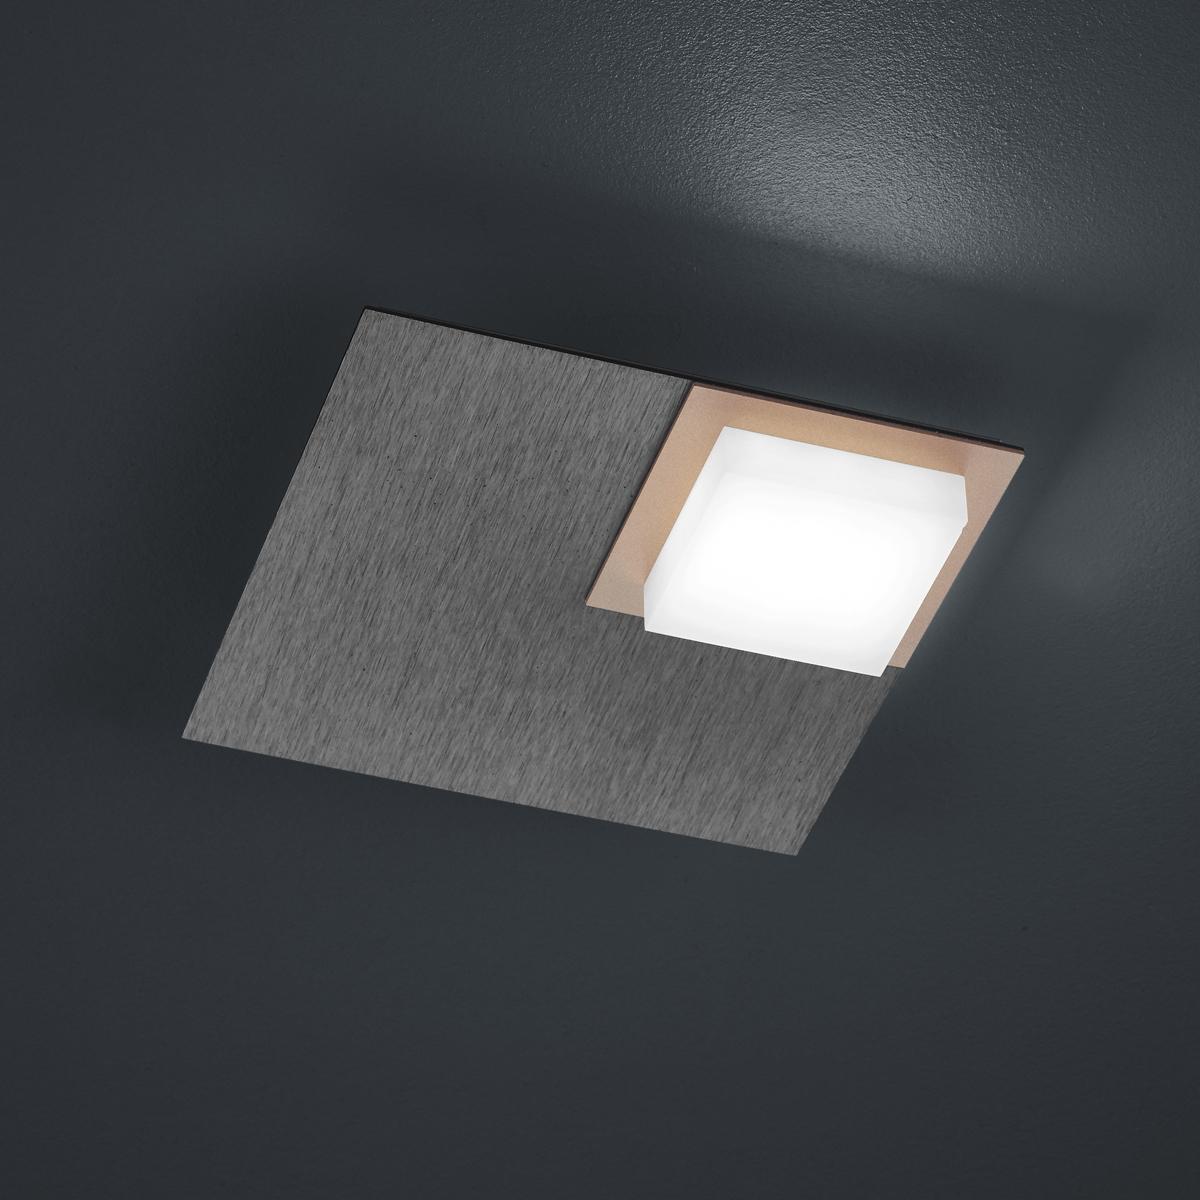 LED-Deckenleuchten von BANKAMP Leuchtenmanufaktur LED-Deckenleuchte Quadro 7703/1-39